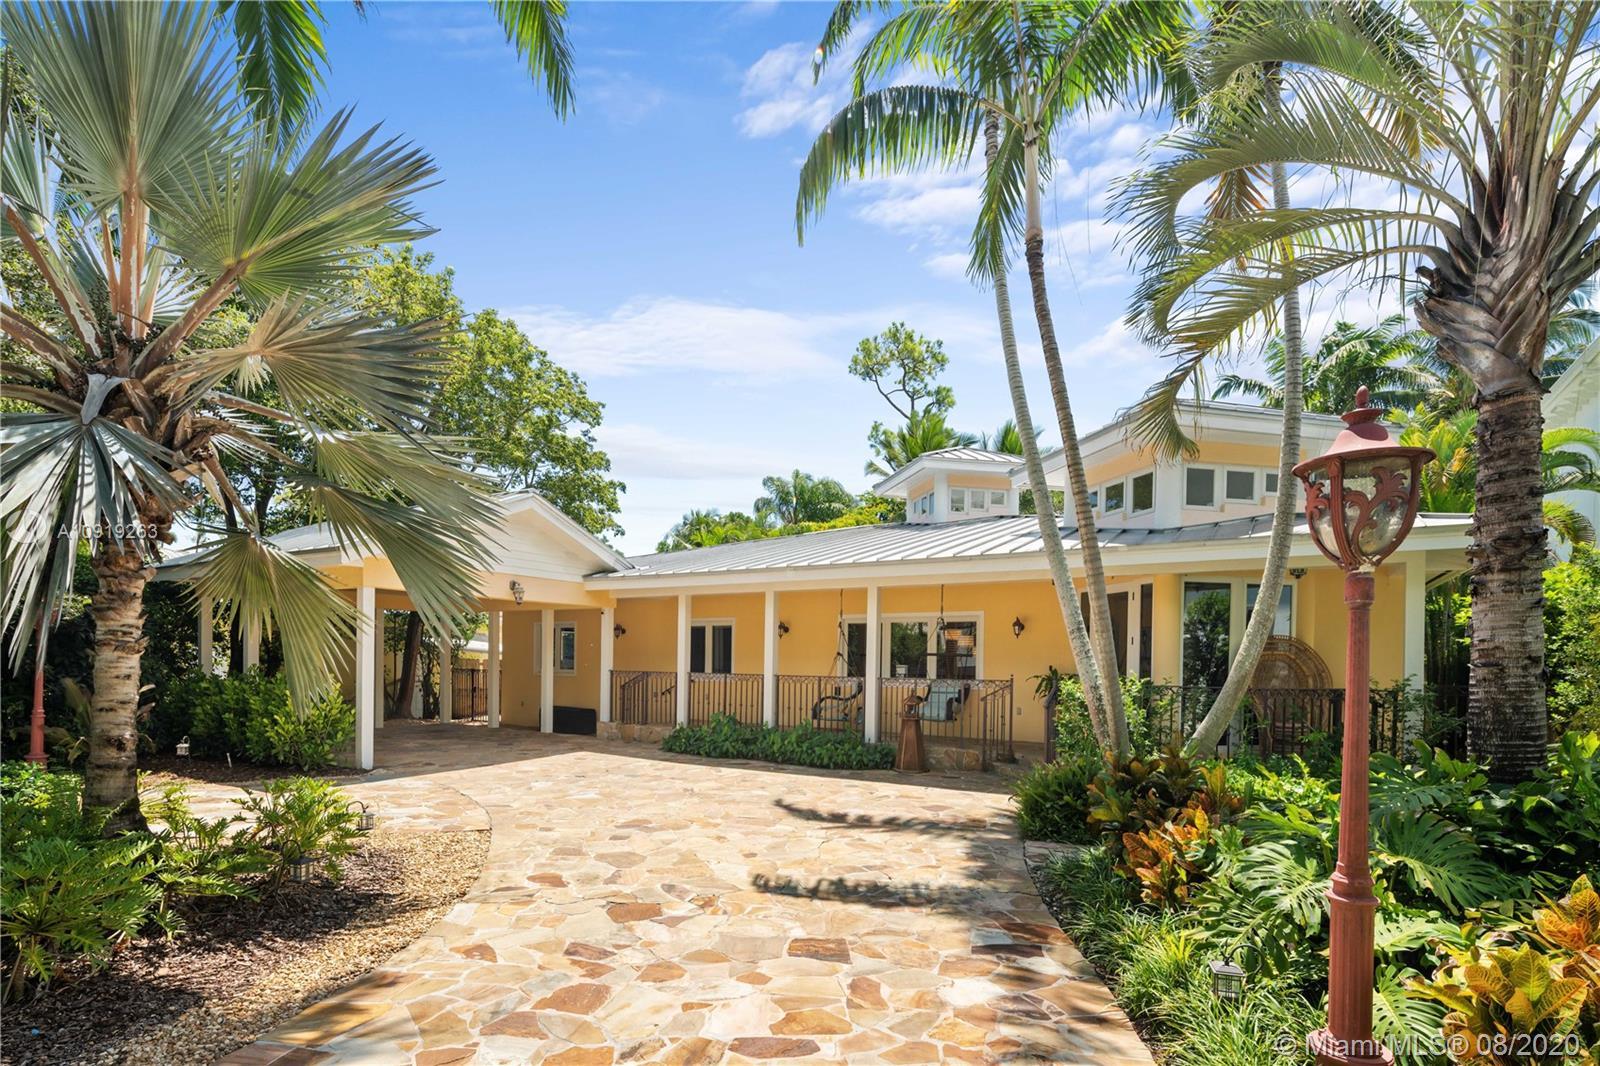 South Miami - 5046 SW 76th St, Miami, FL 33143